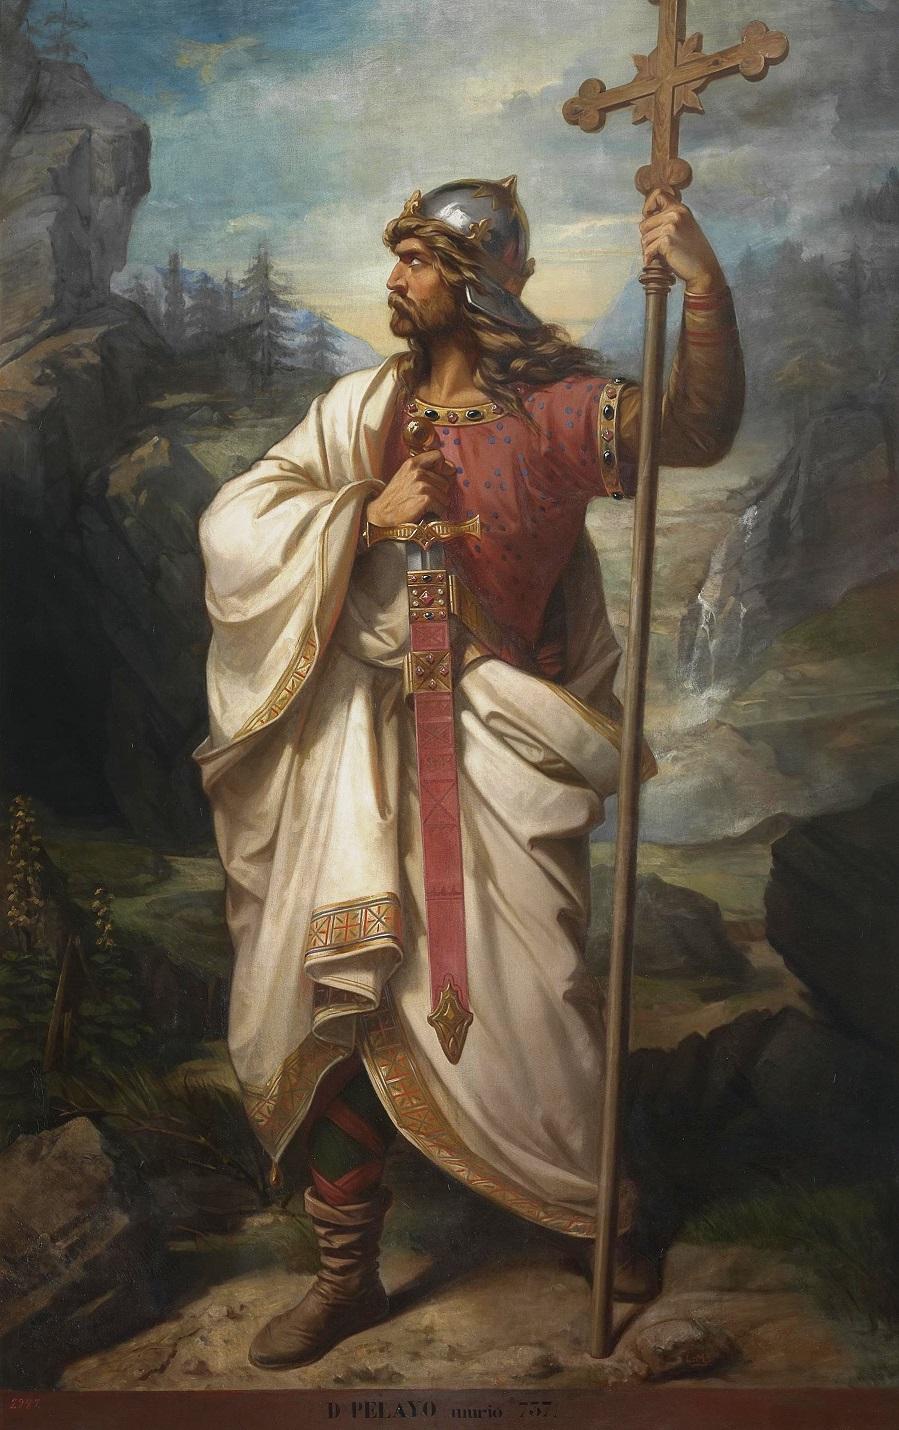 Don_Pelayo,_rey_de_Asturias_(Museo_del_Prado).jpg